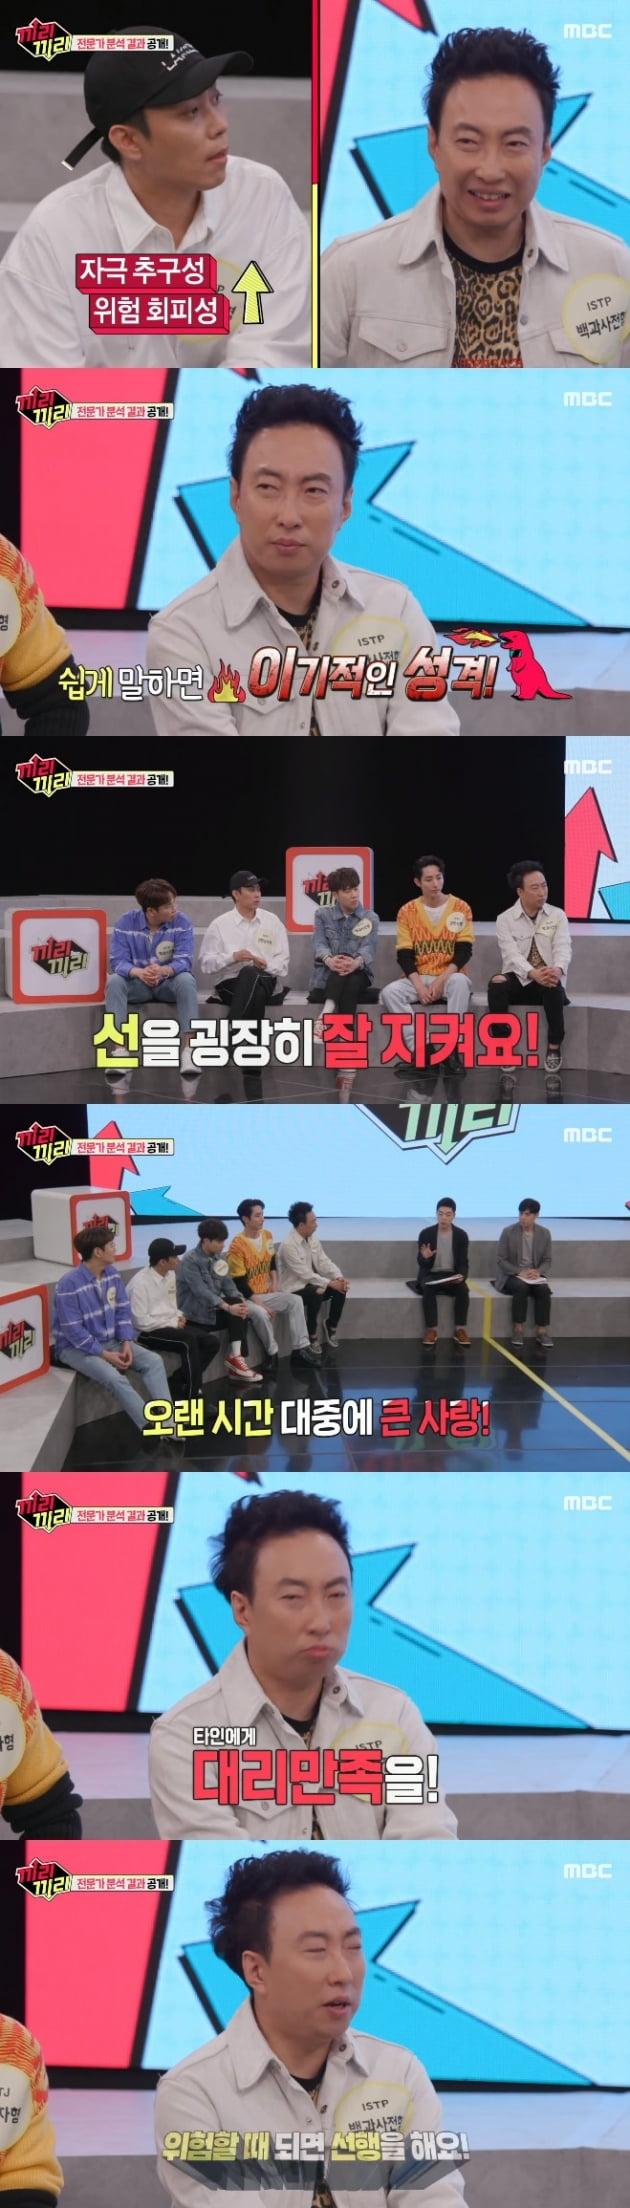 '끼리끼리' 박명수 / 사진 = MBC 영상 캡처